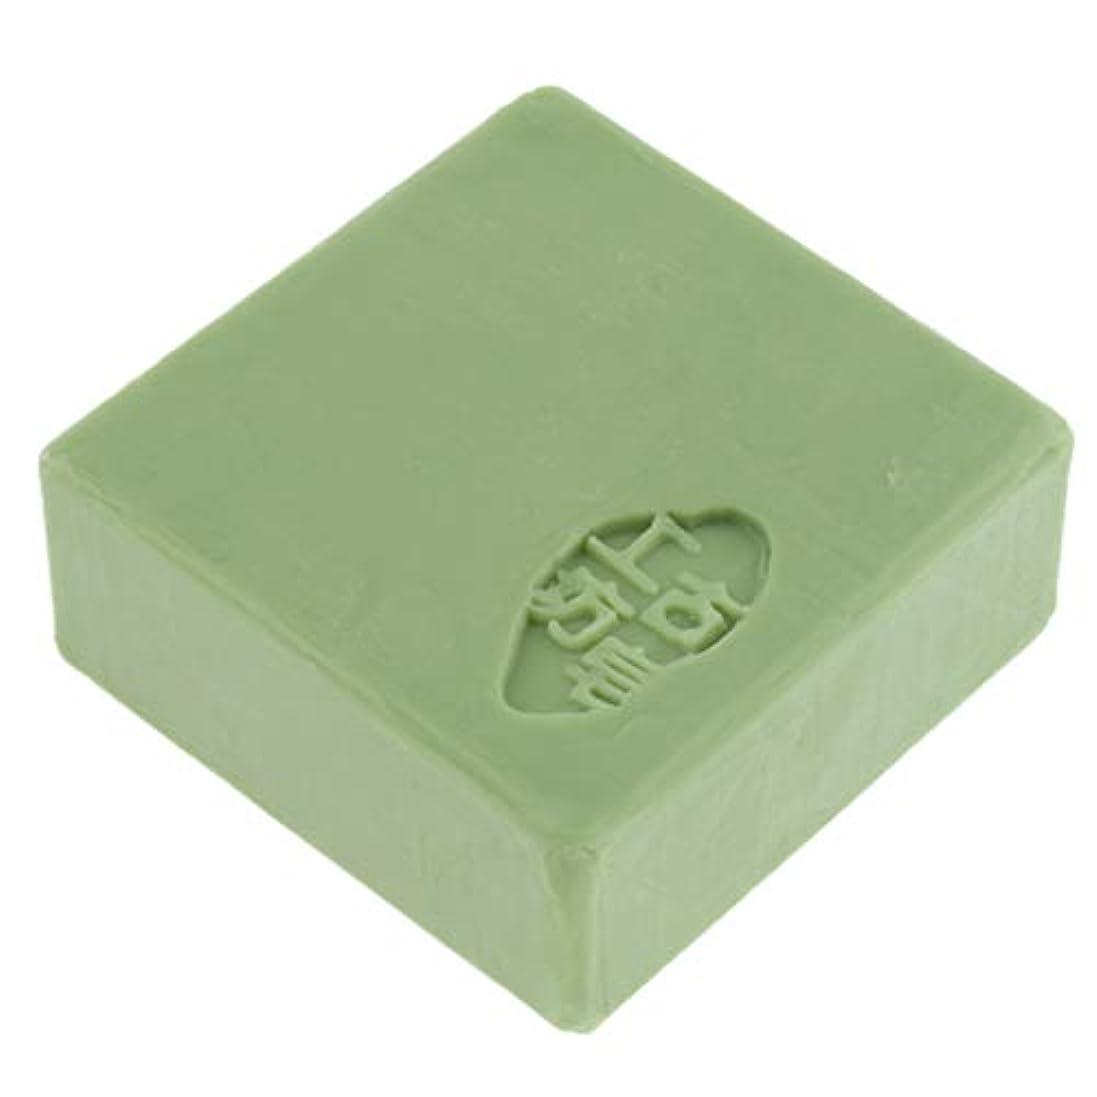 緩める生きる読みやすさ全3色 バス スキンケア フェイス ボディソープ 石鹸 保湿 肌守り - 緑